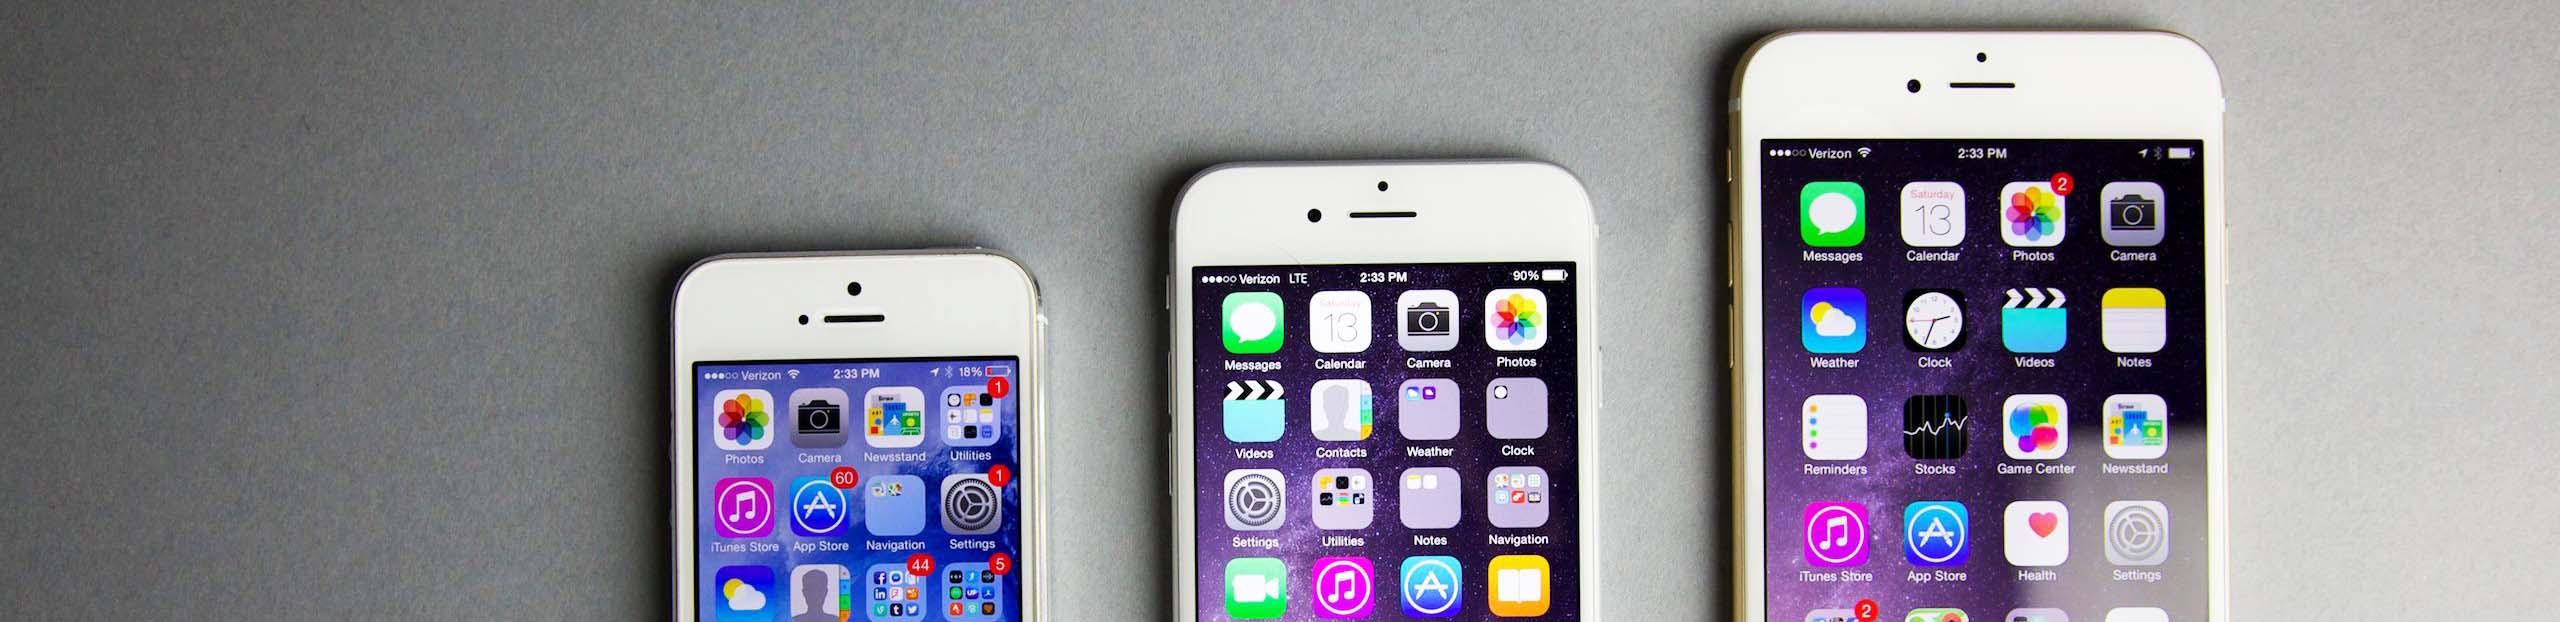 Apple teases lucky iPhone 7